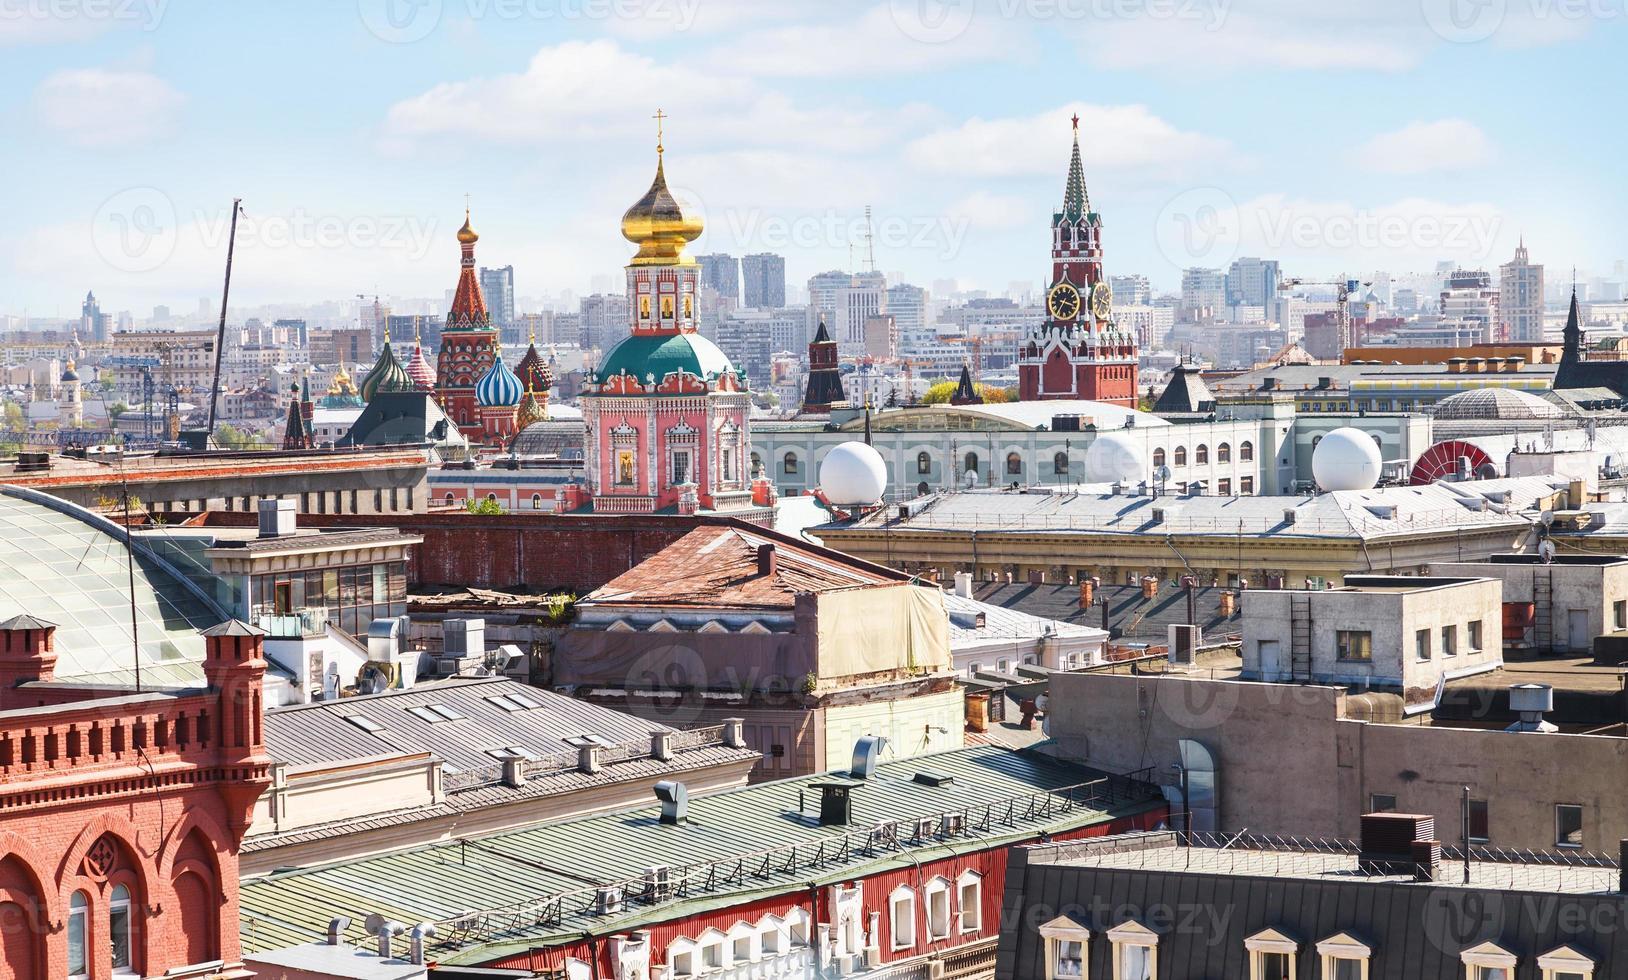 de skyline van de stad van Moskou met kremlin foto